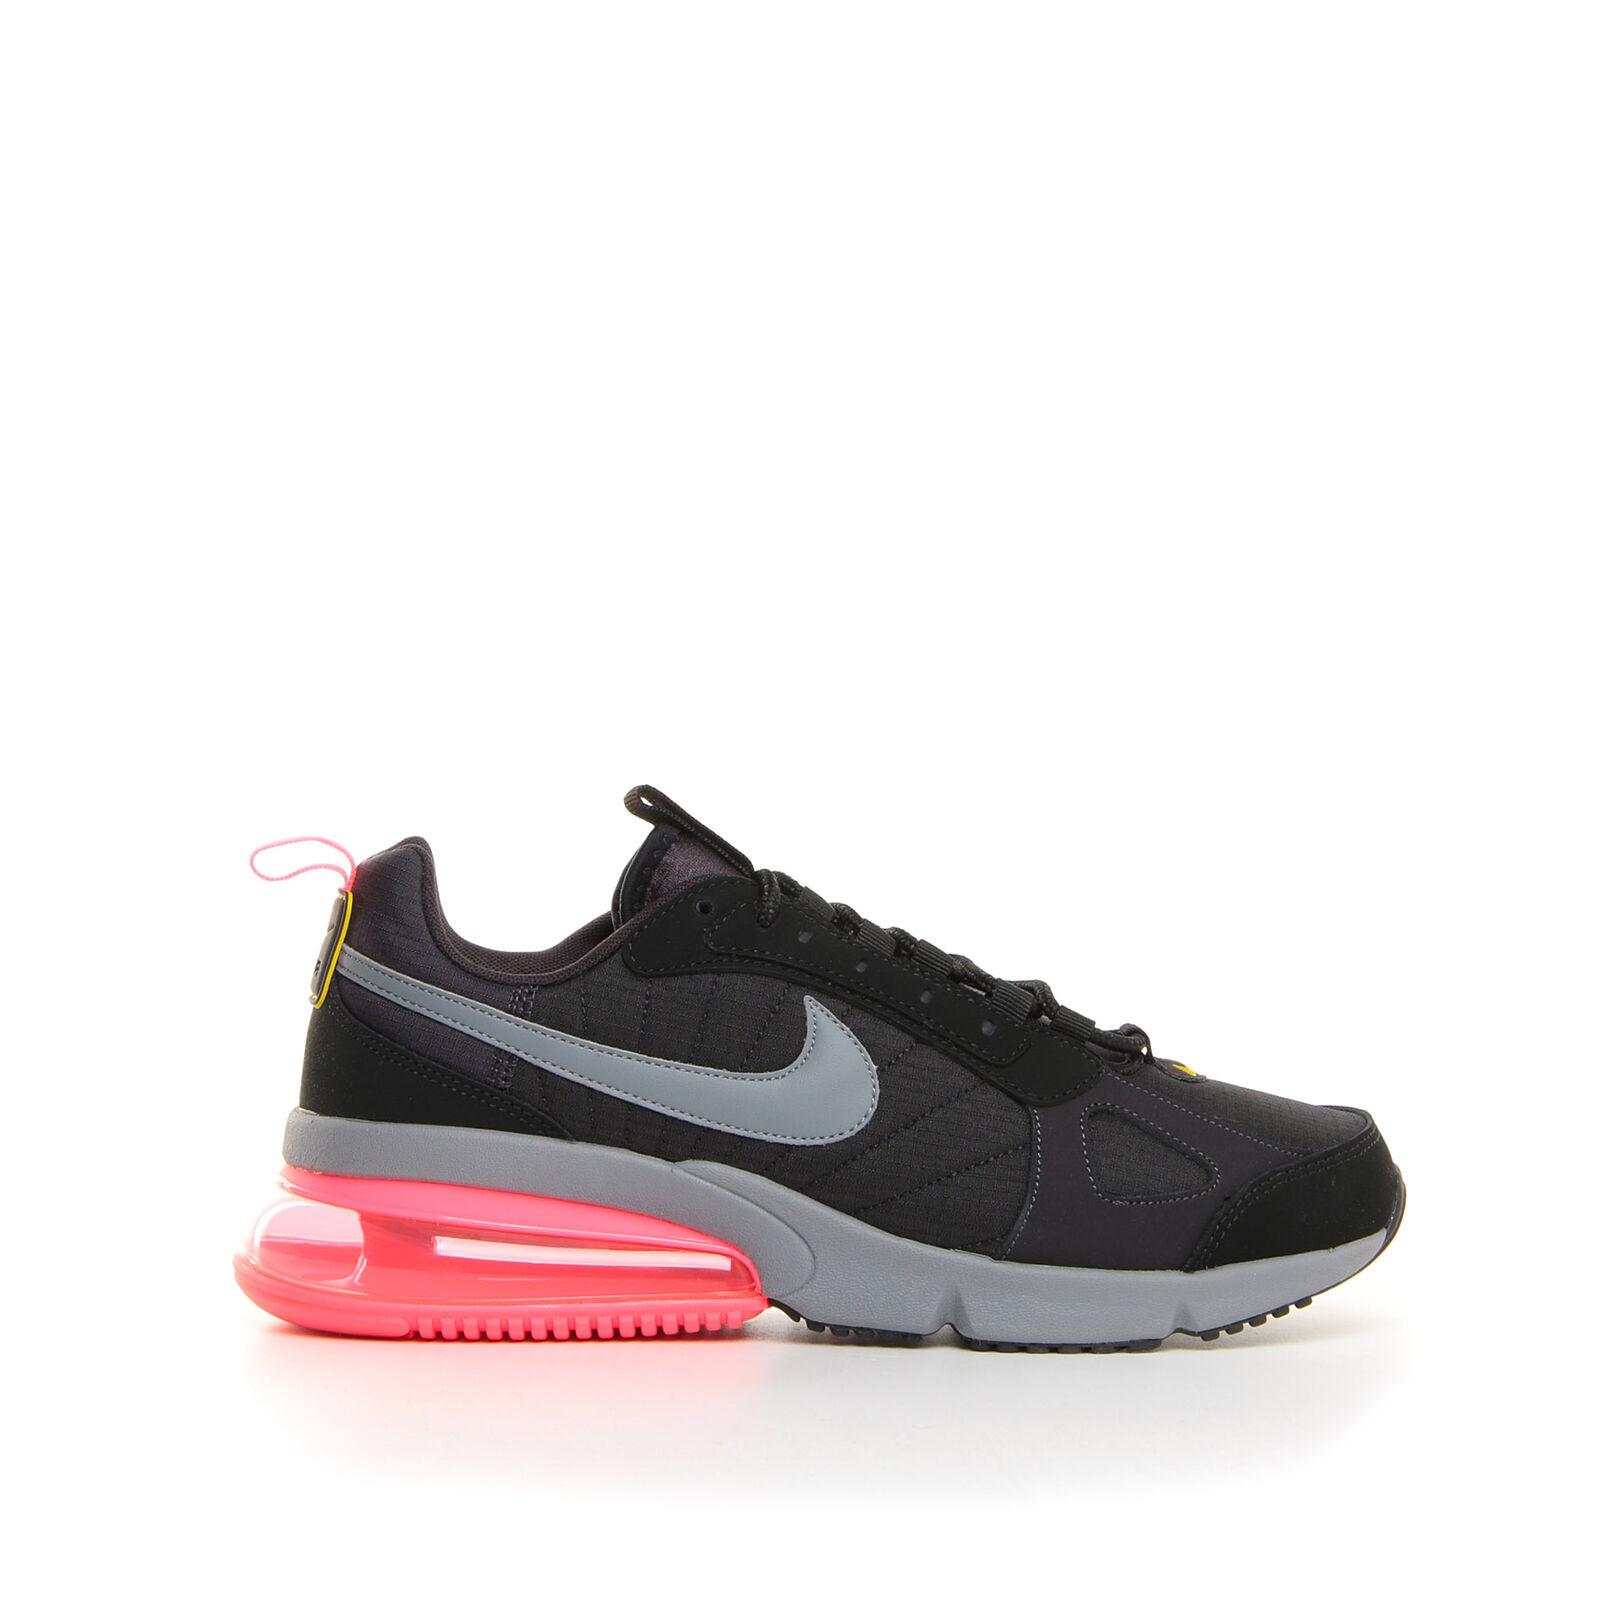 NIKE AIR MAX 270 FUTURA zapatos FREE TIME hombres AO1569 007